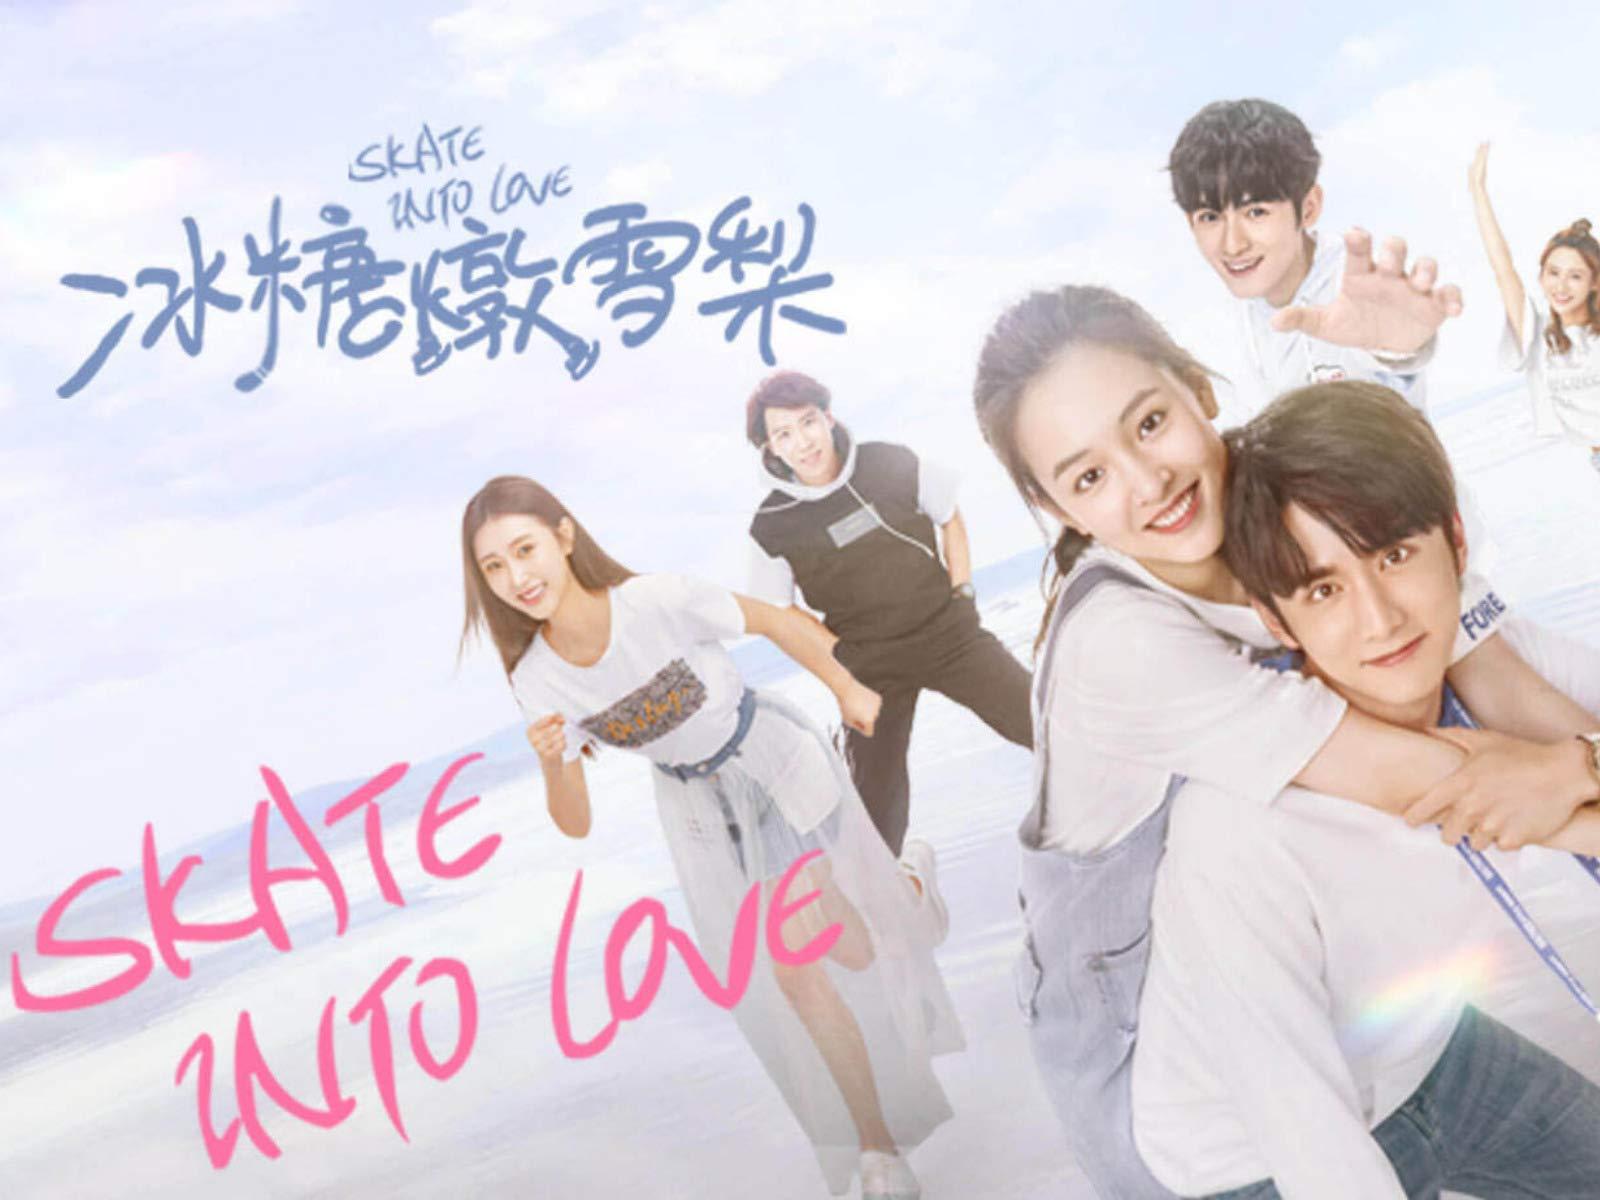 Skate Into Love